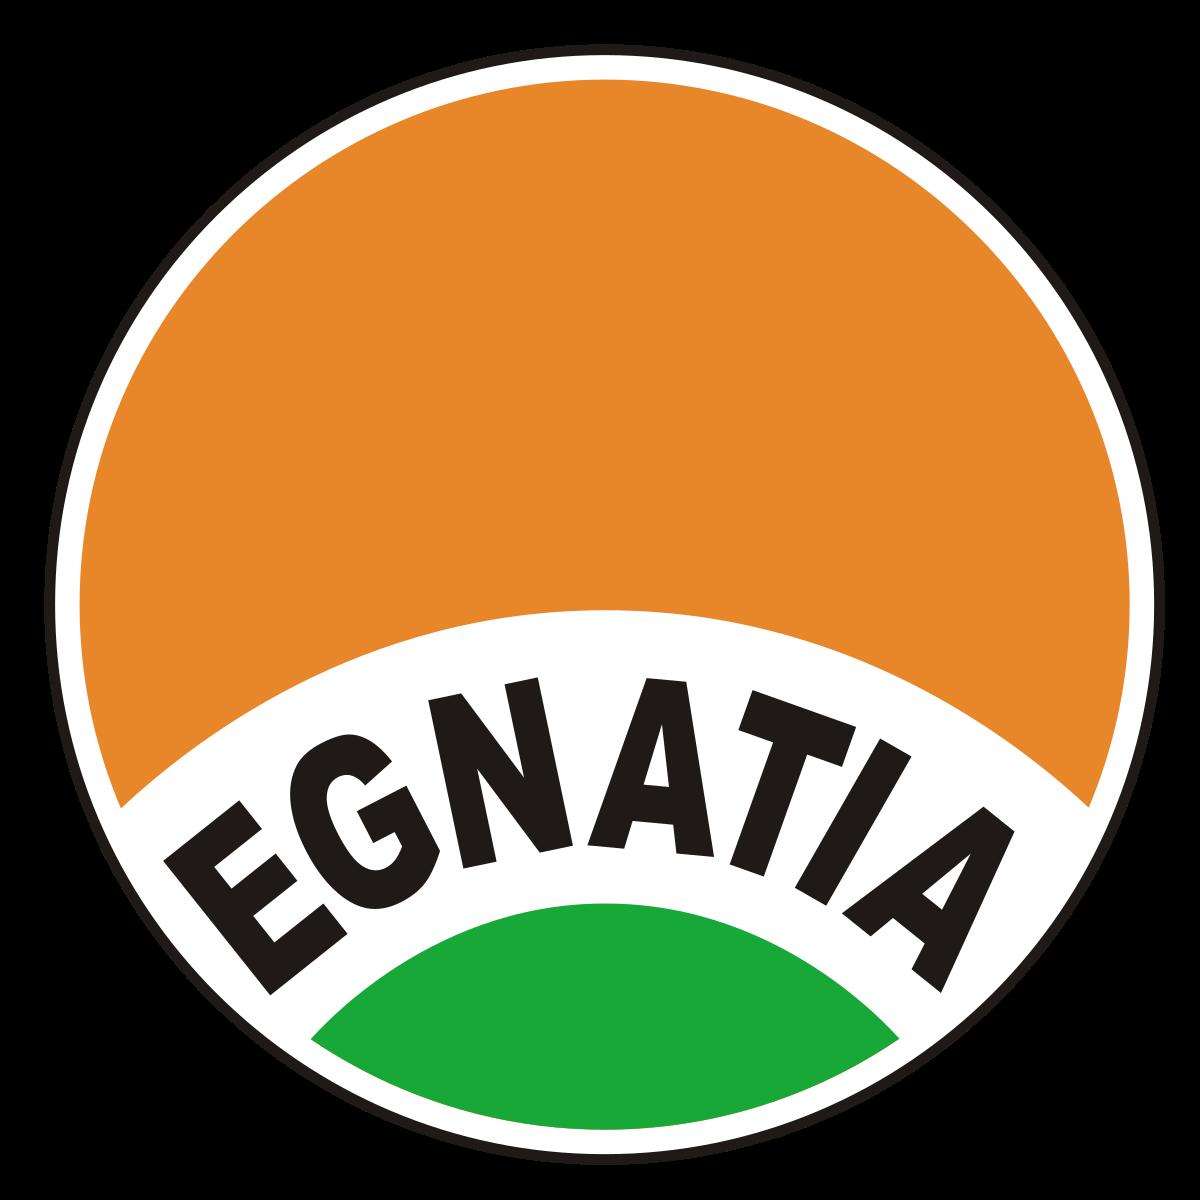 Egnatia R logo